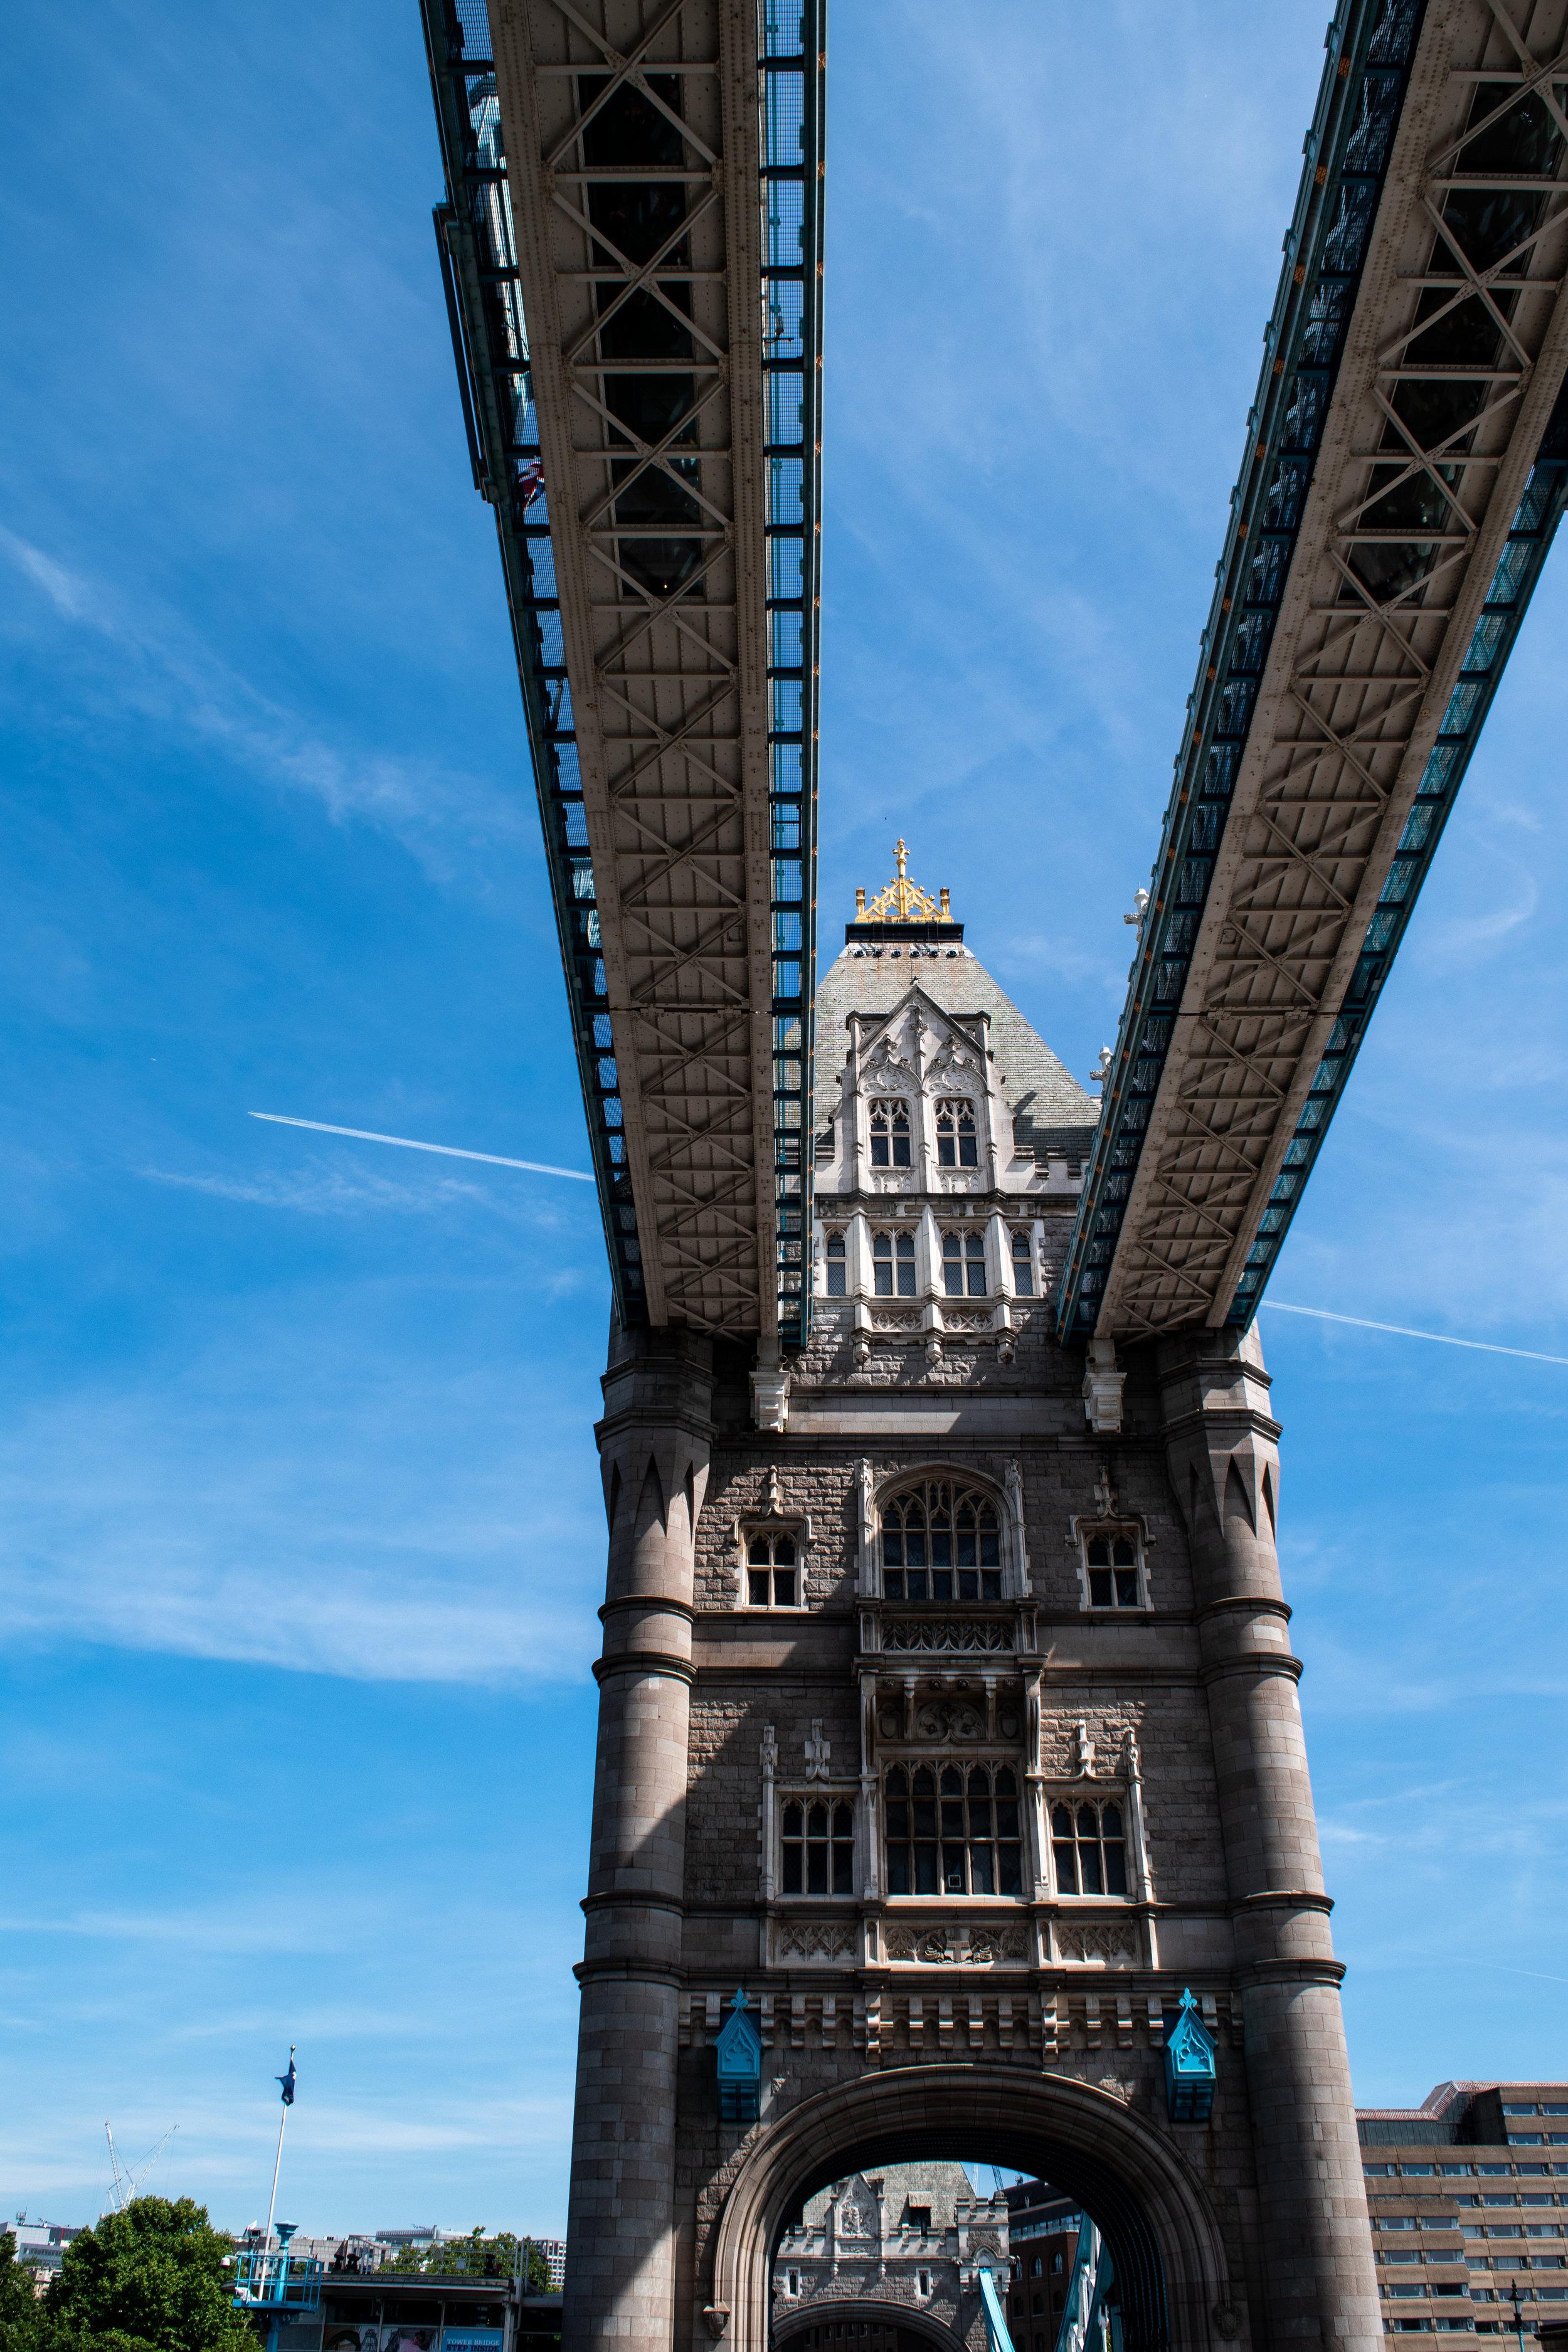 tower bridge 7 jpg.jpg